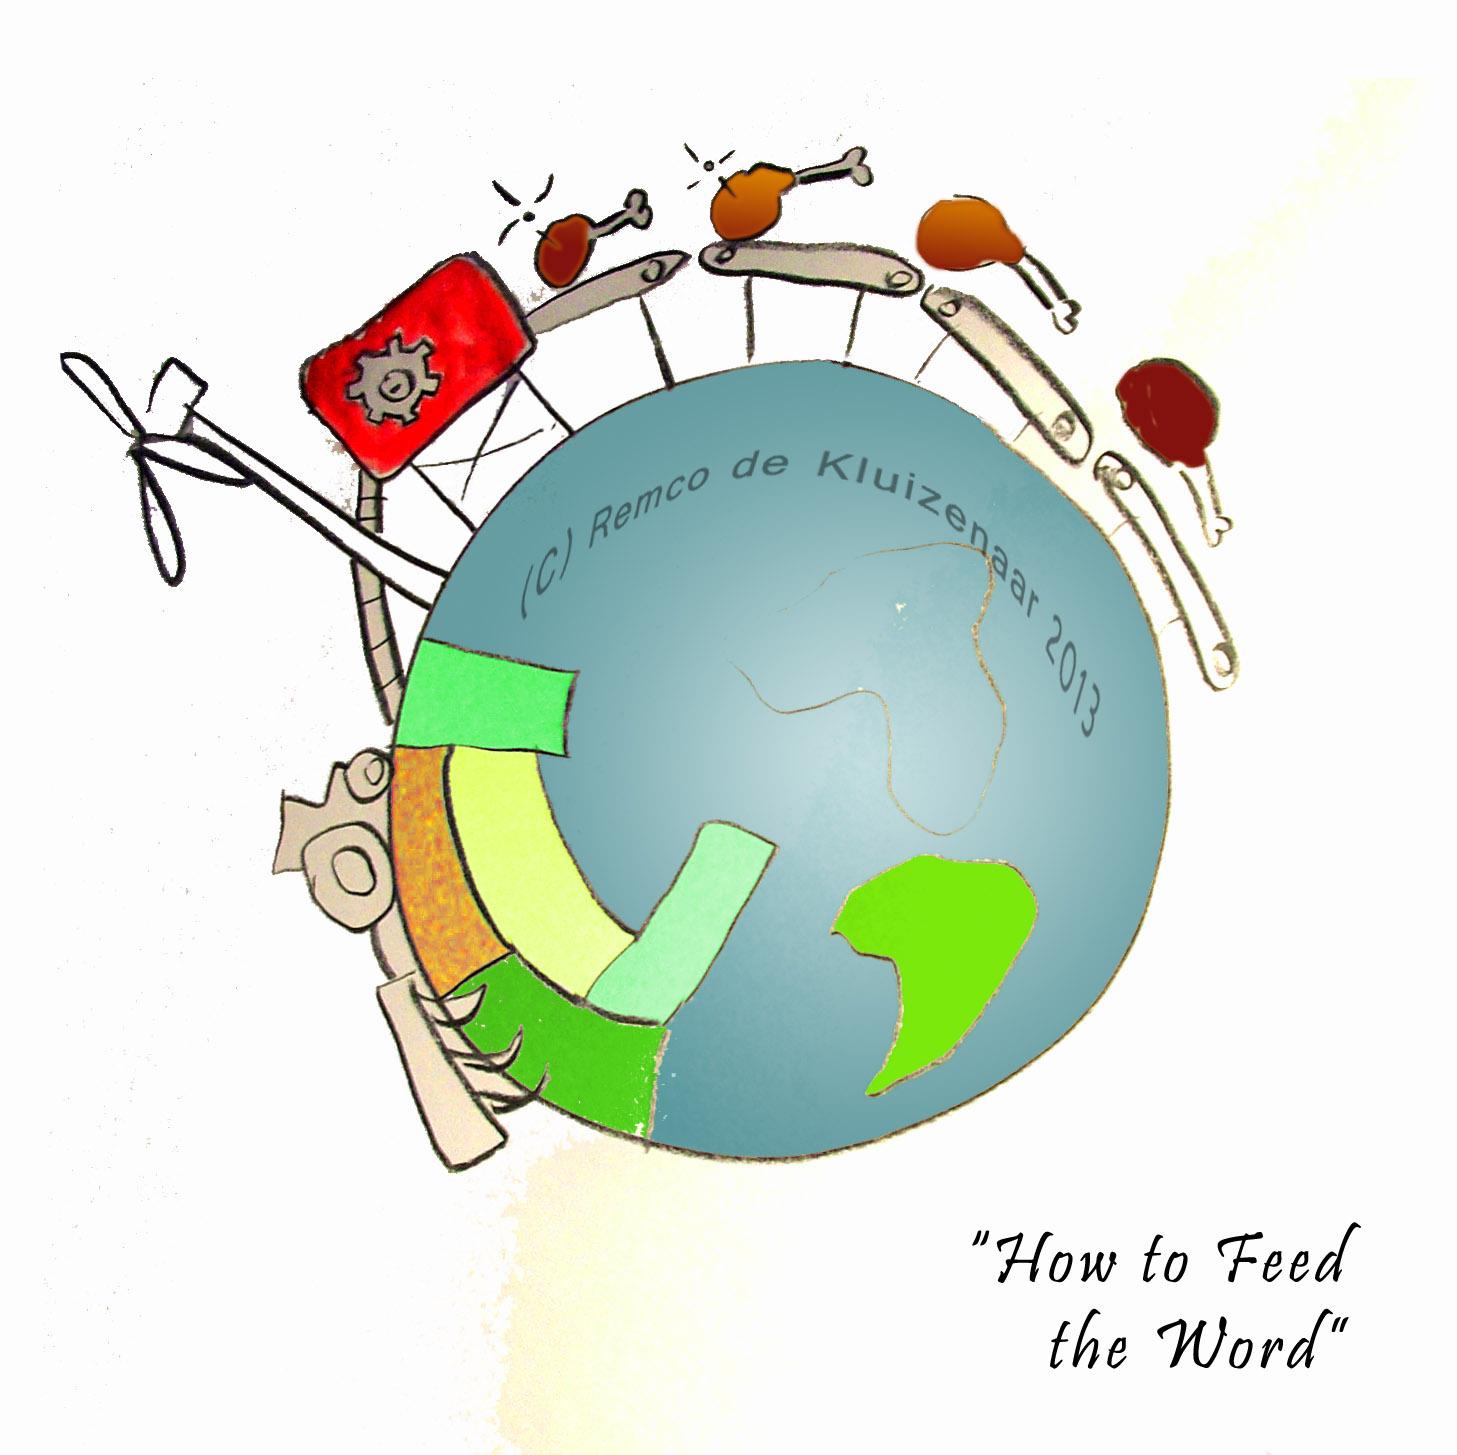 Het centrale dilemma in mijn ogen: wil de wereld vlees eten, hoeveel landbouwgrond is er dan nodig? Als de bevolking toeneemt en de wereld voor duurzame energielevering ook landbouwgrond nodig heeft (bijvoorbeeld voor bio-ethanol), dan vraagt dat om goede nieuwe ideeen en waarschijnlijk ook gedragsveranderingen in eetgedrag. De kippenpotenfabriek als beeld van zorgeloos vlees eten, zonder te kijken waar het diervoer aan de andere kant van de wereld vandaan komt. (zuidamerika hier geaccentueerd omdat daar door hogere welvaartsstandaarden de behoefte aan vlees toeneemt)